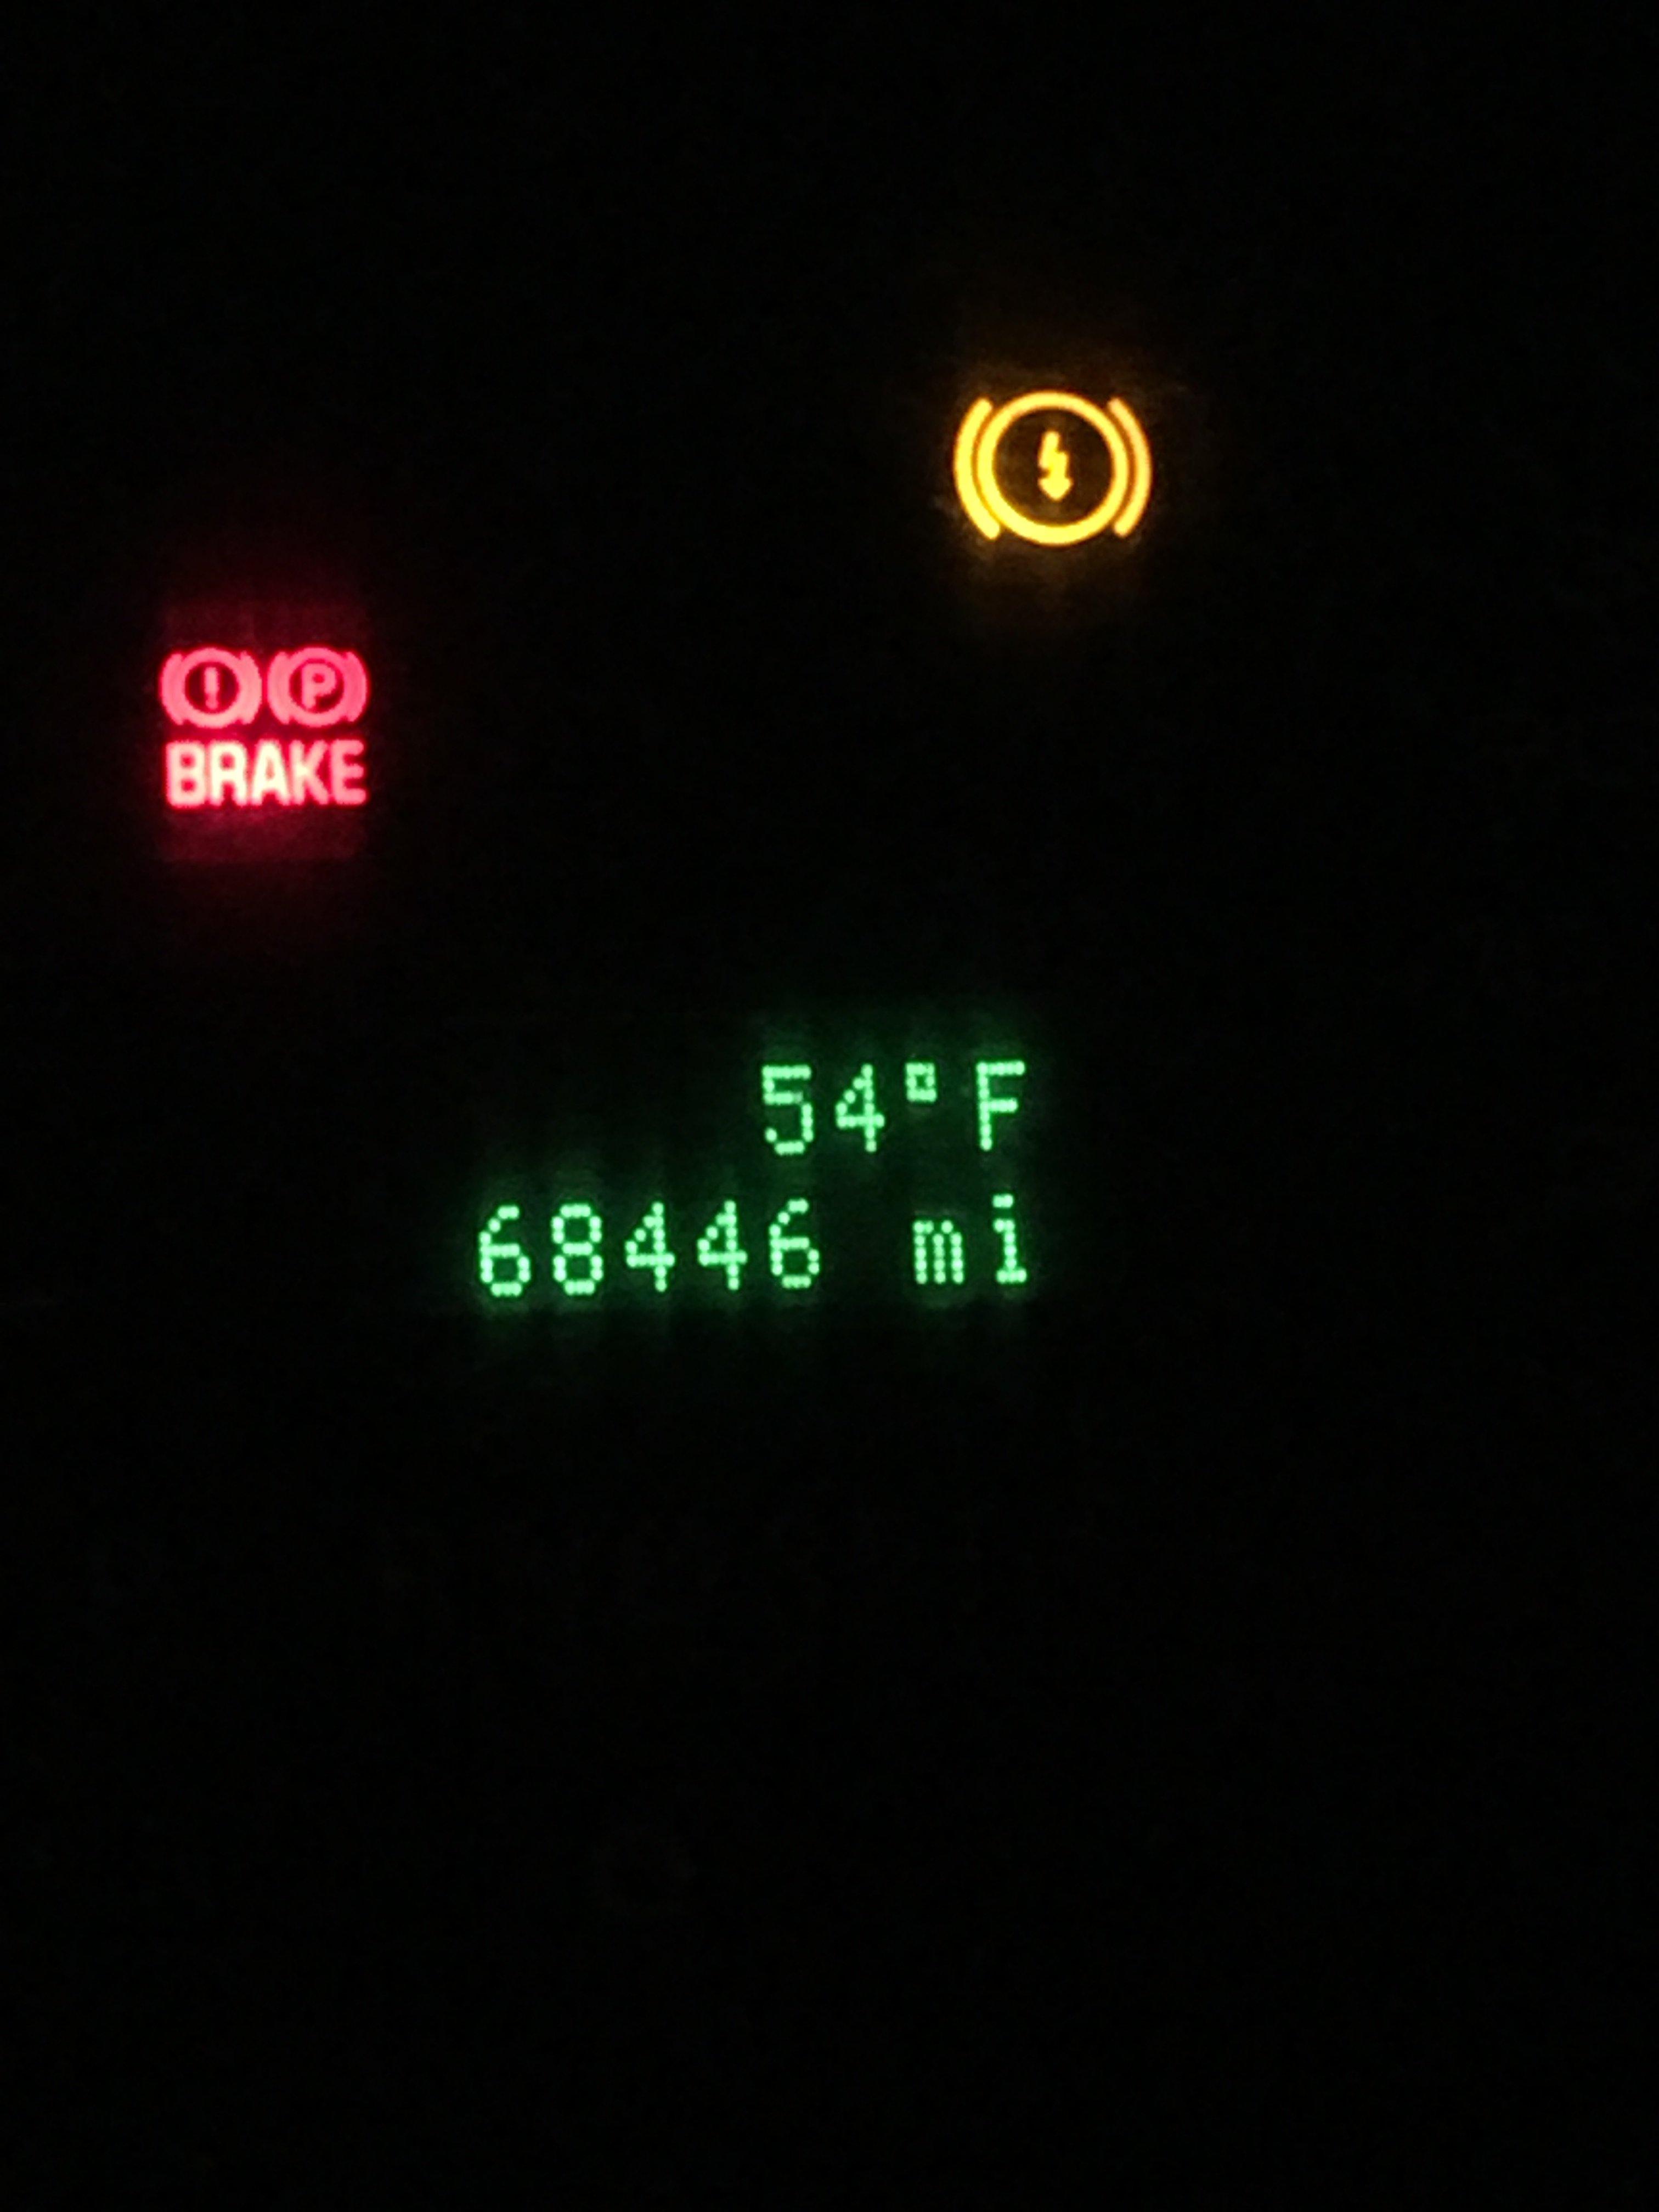 I have a 2013 ford v10 68 gas f59 the epb light is on it is img0391g buycottarizona Choice Image